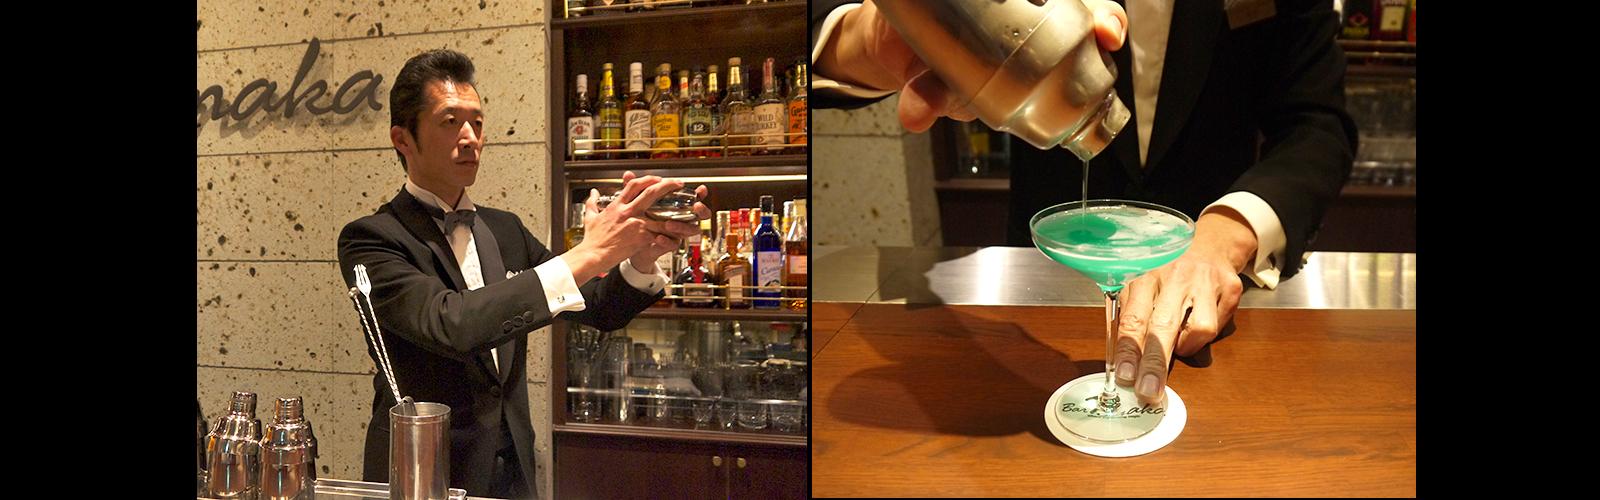 会員制バー トナカ 店舗のご案内とスタッフ紹介